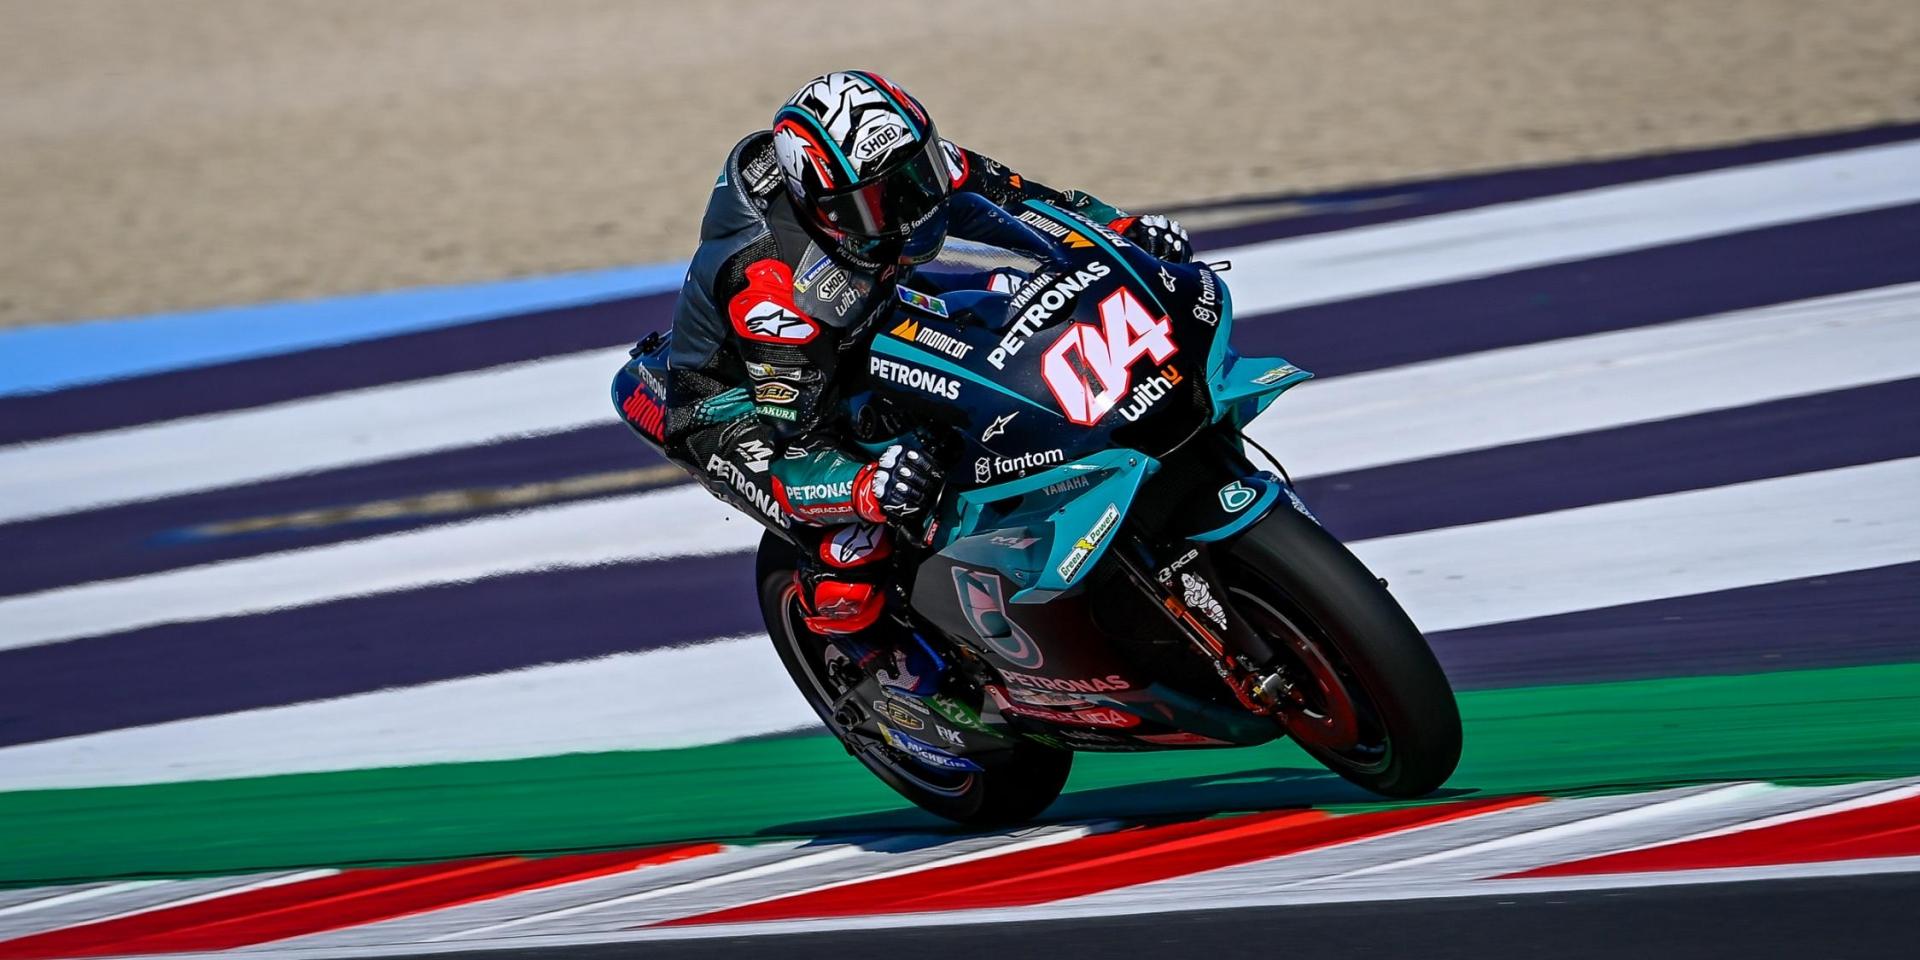 重返賽事,重新適應!Andrea Dovizioso:M1需要用特別的方式來騎!